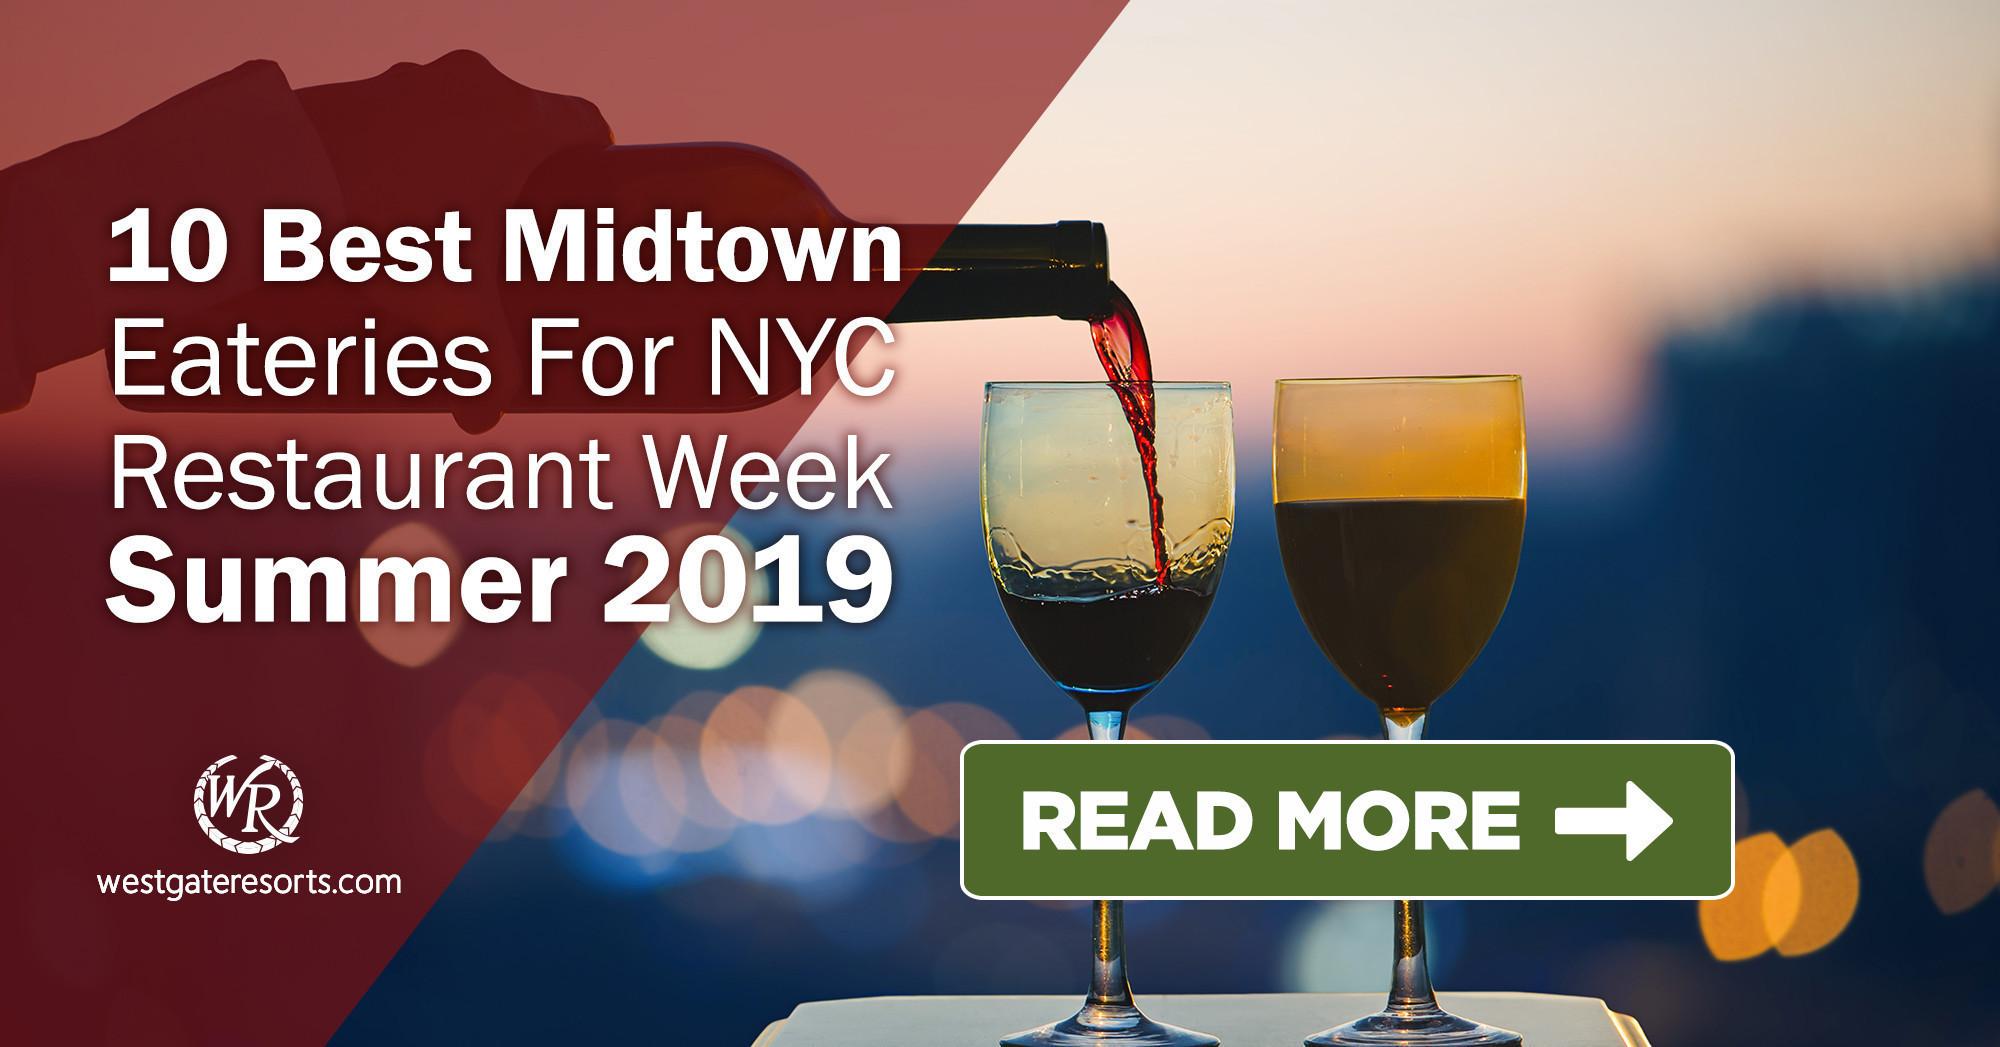 10 Best Midtown Eateries For NYC Restaurant Week Summer 2019